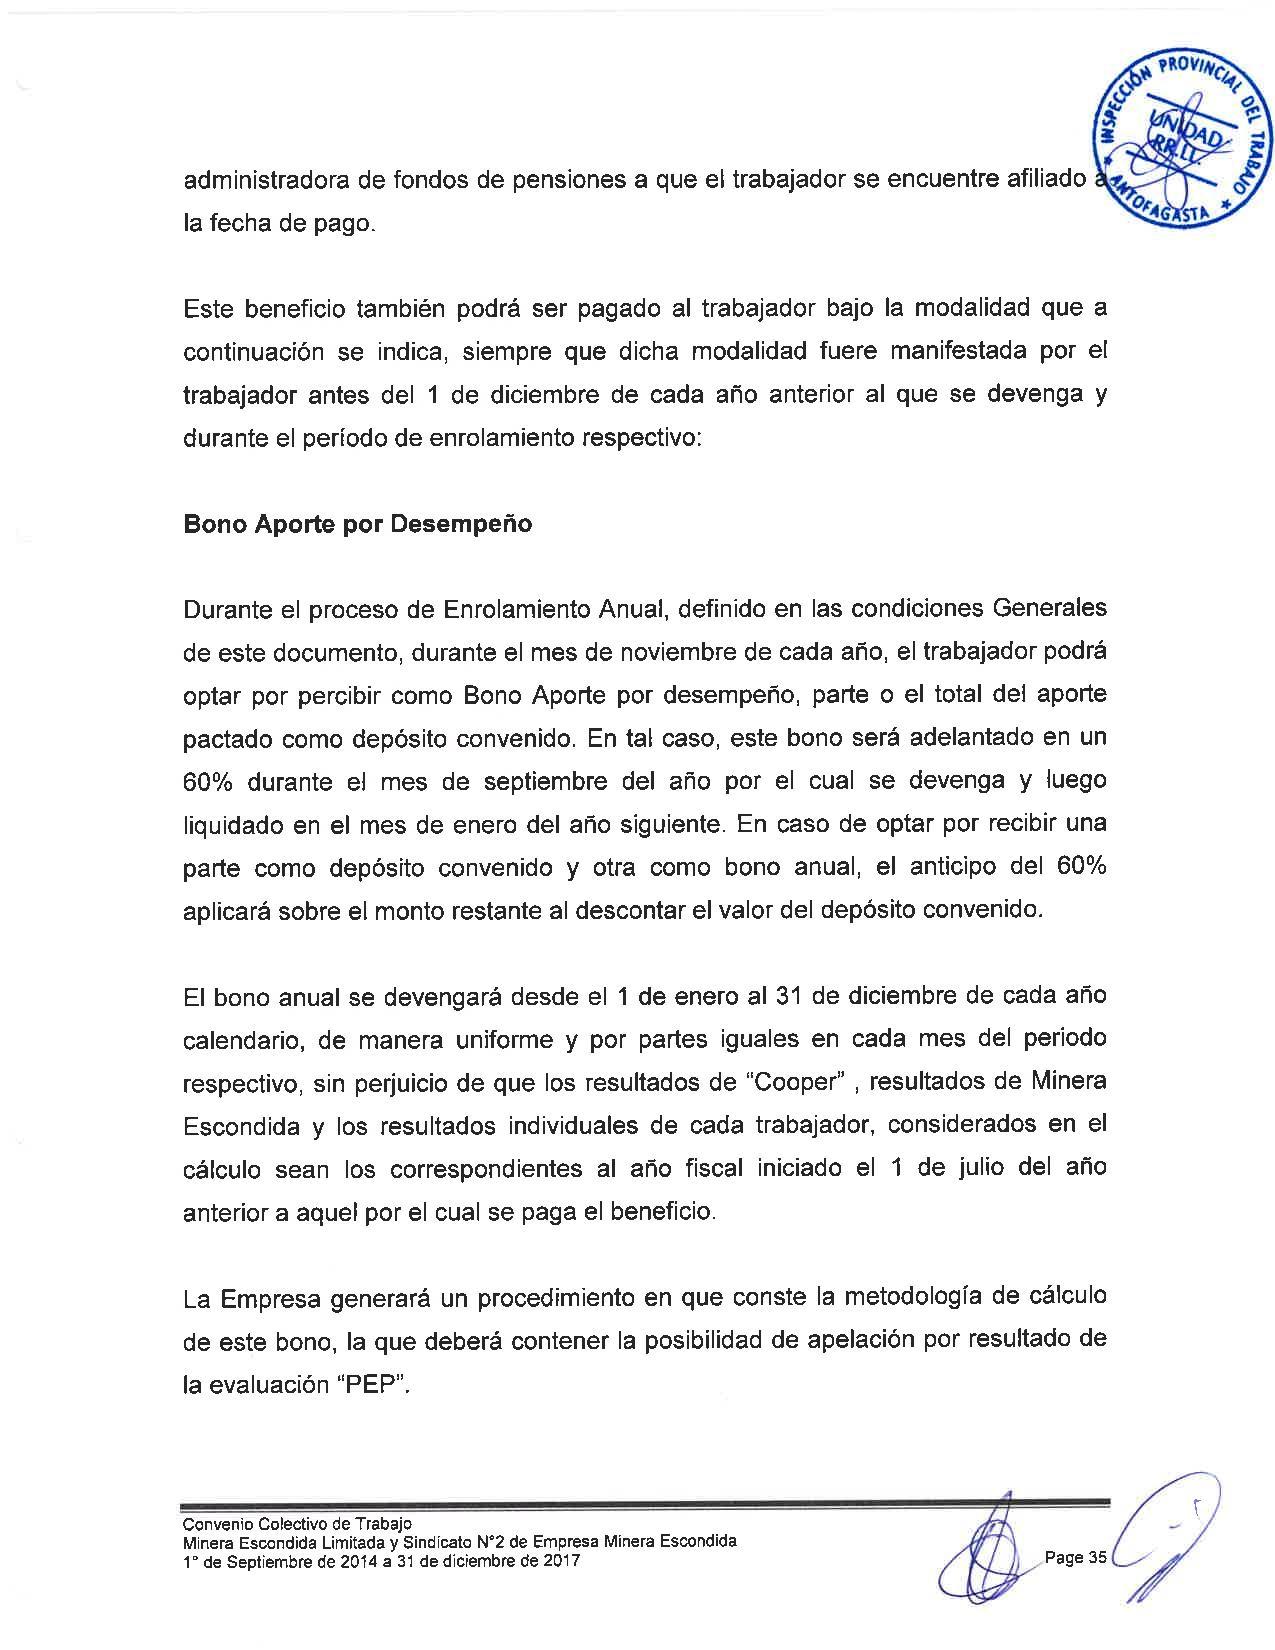 Página (35).jpg